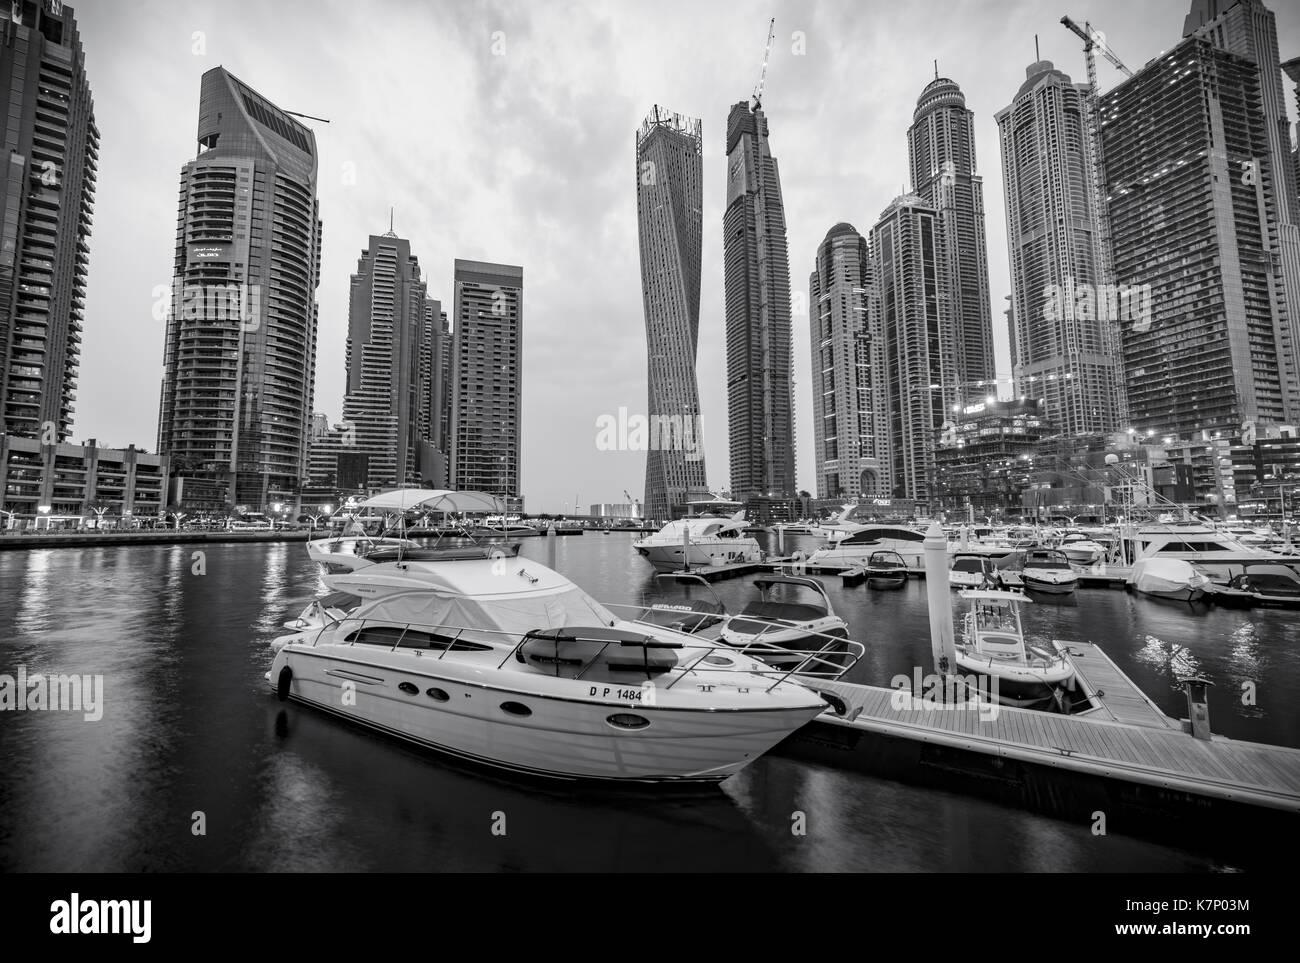 Marina di fronte di grattacieli, Dubai Marina, Dubai, Emirati arabi uniti Immagini Stock